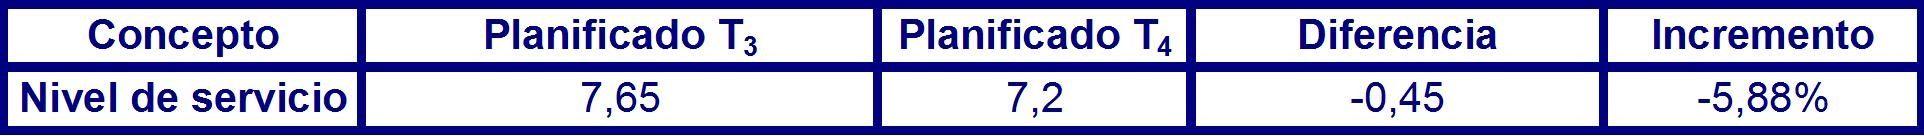 Tabla 47 desviación del nivel de servicio en el largo plazo en el periodo P3.